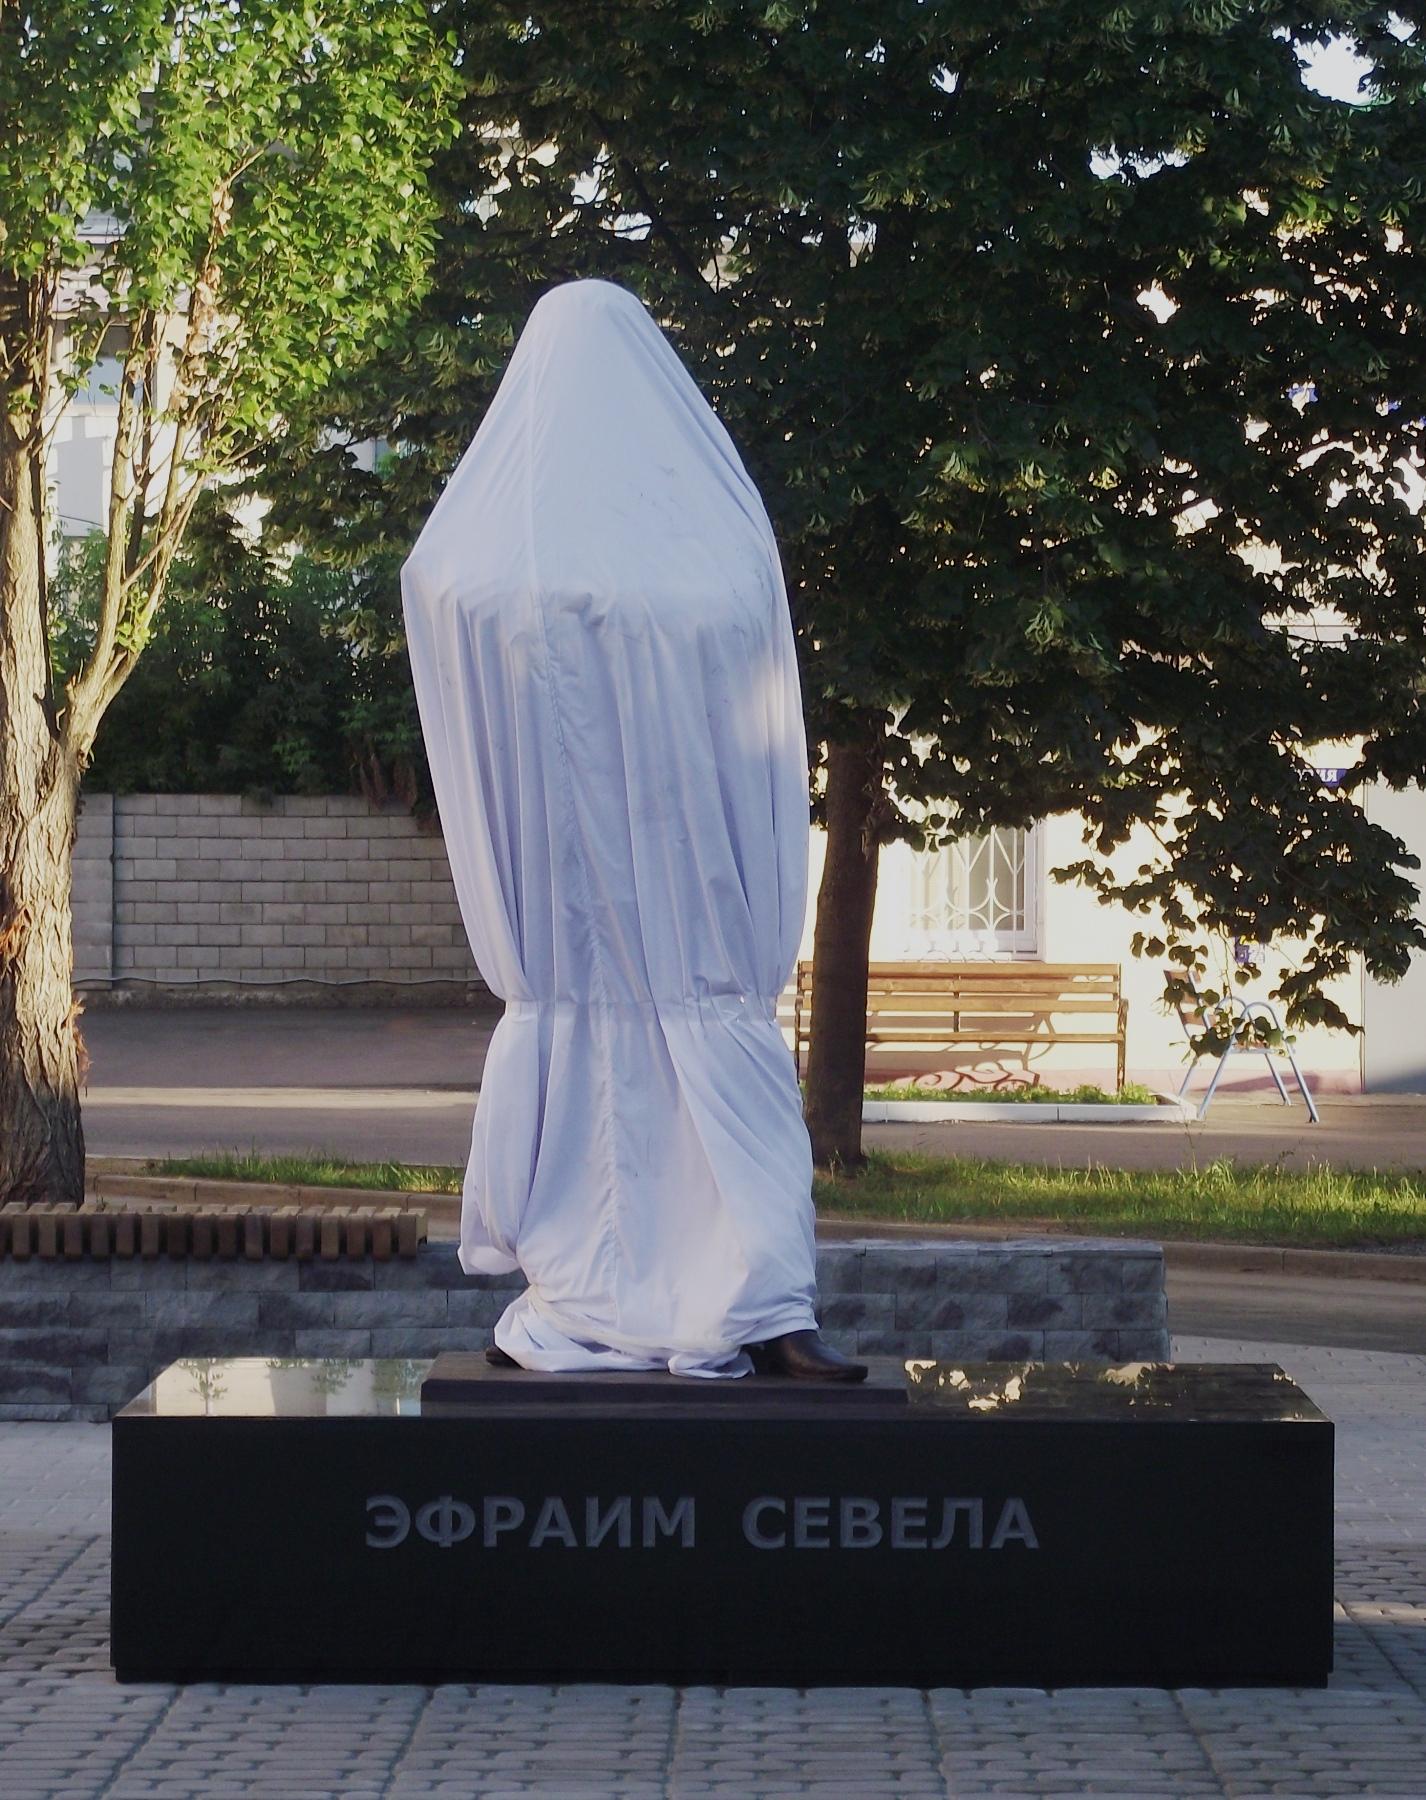 Памятник Эфраиму Севеле в Бобруйске. Открытие (видео)